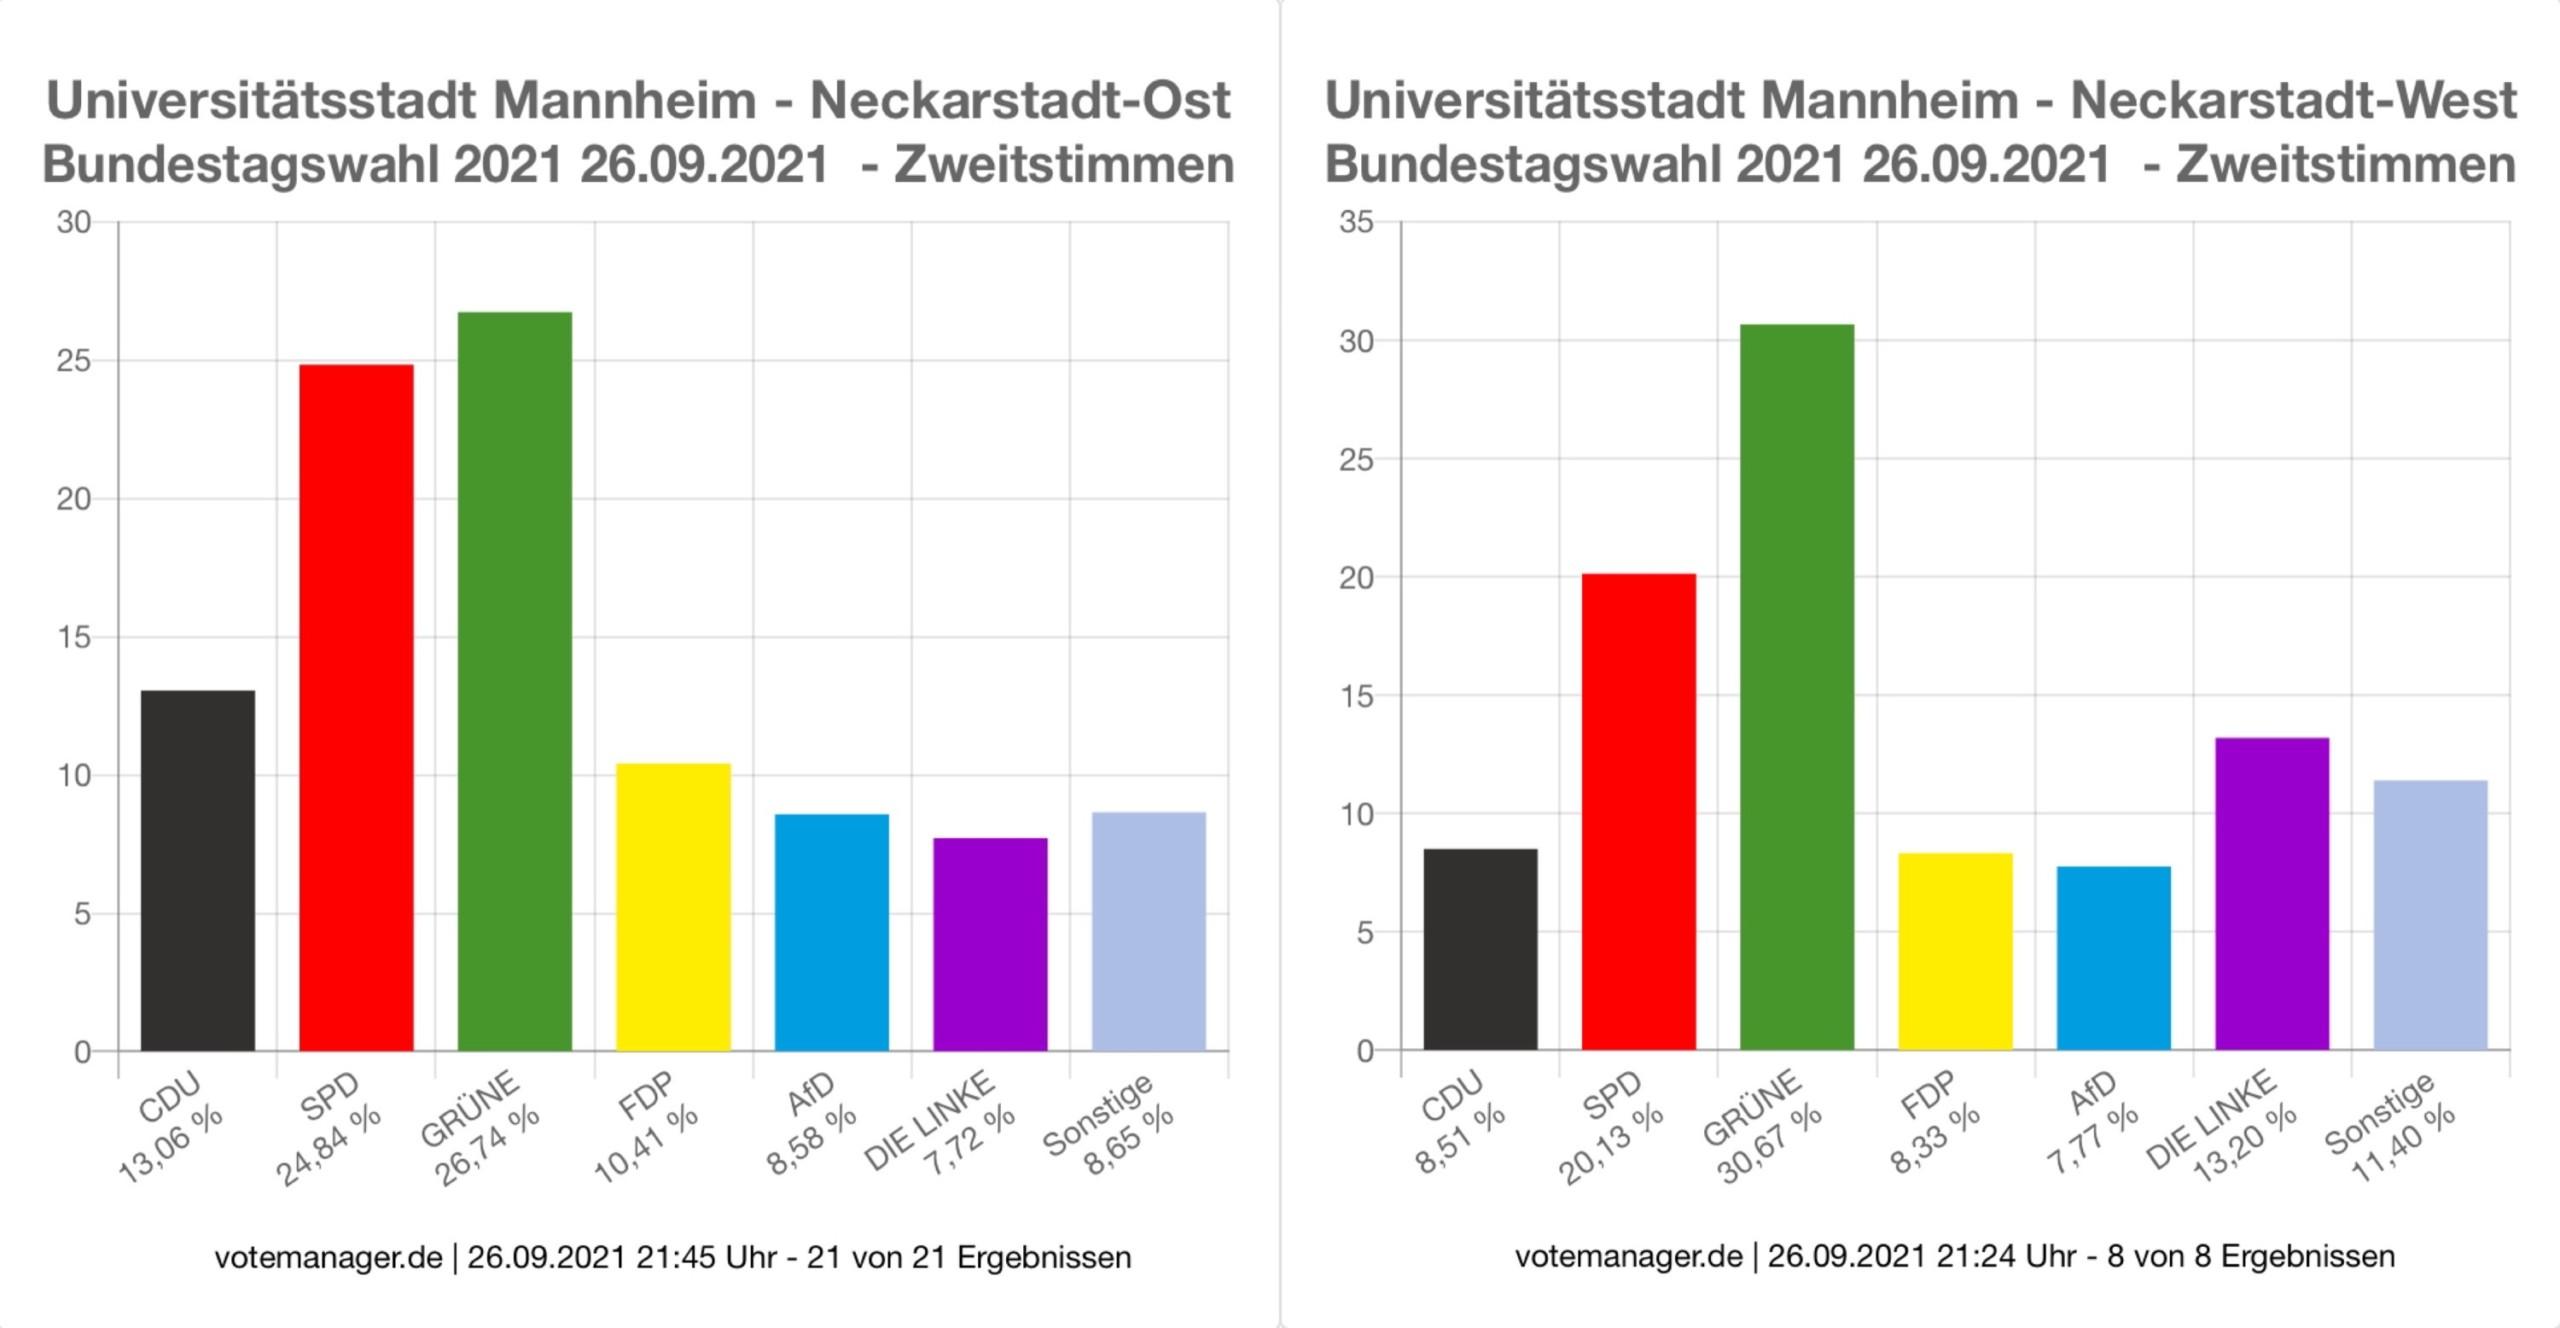 btw2021 zweitstimmen img 3431 scaled - So hat die Neckarstadt gewählt